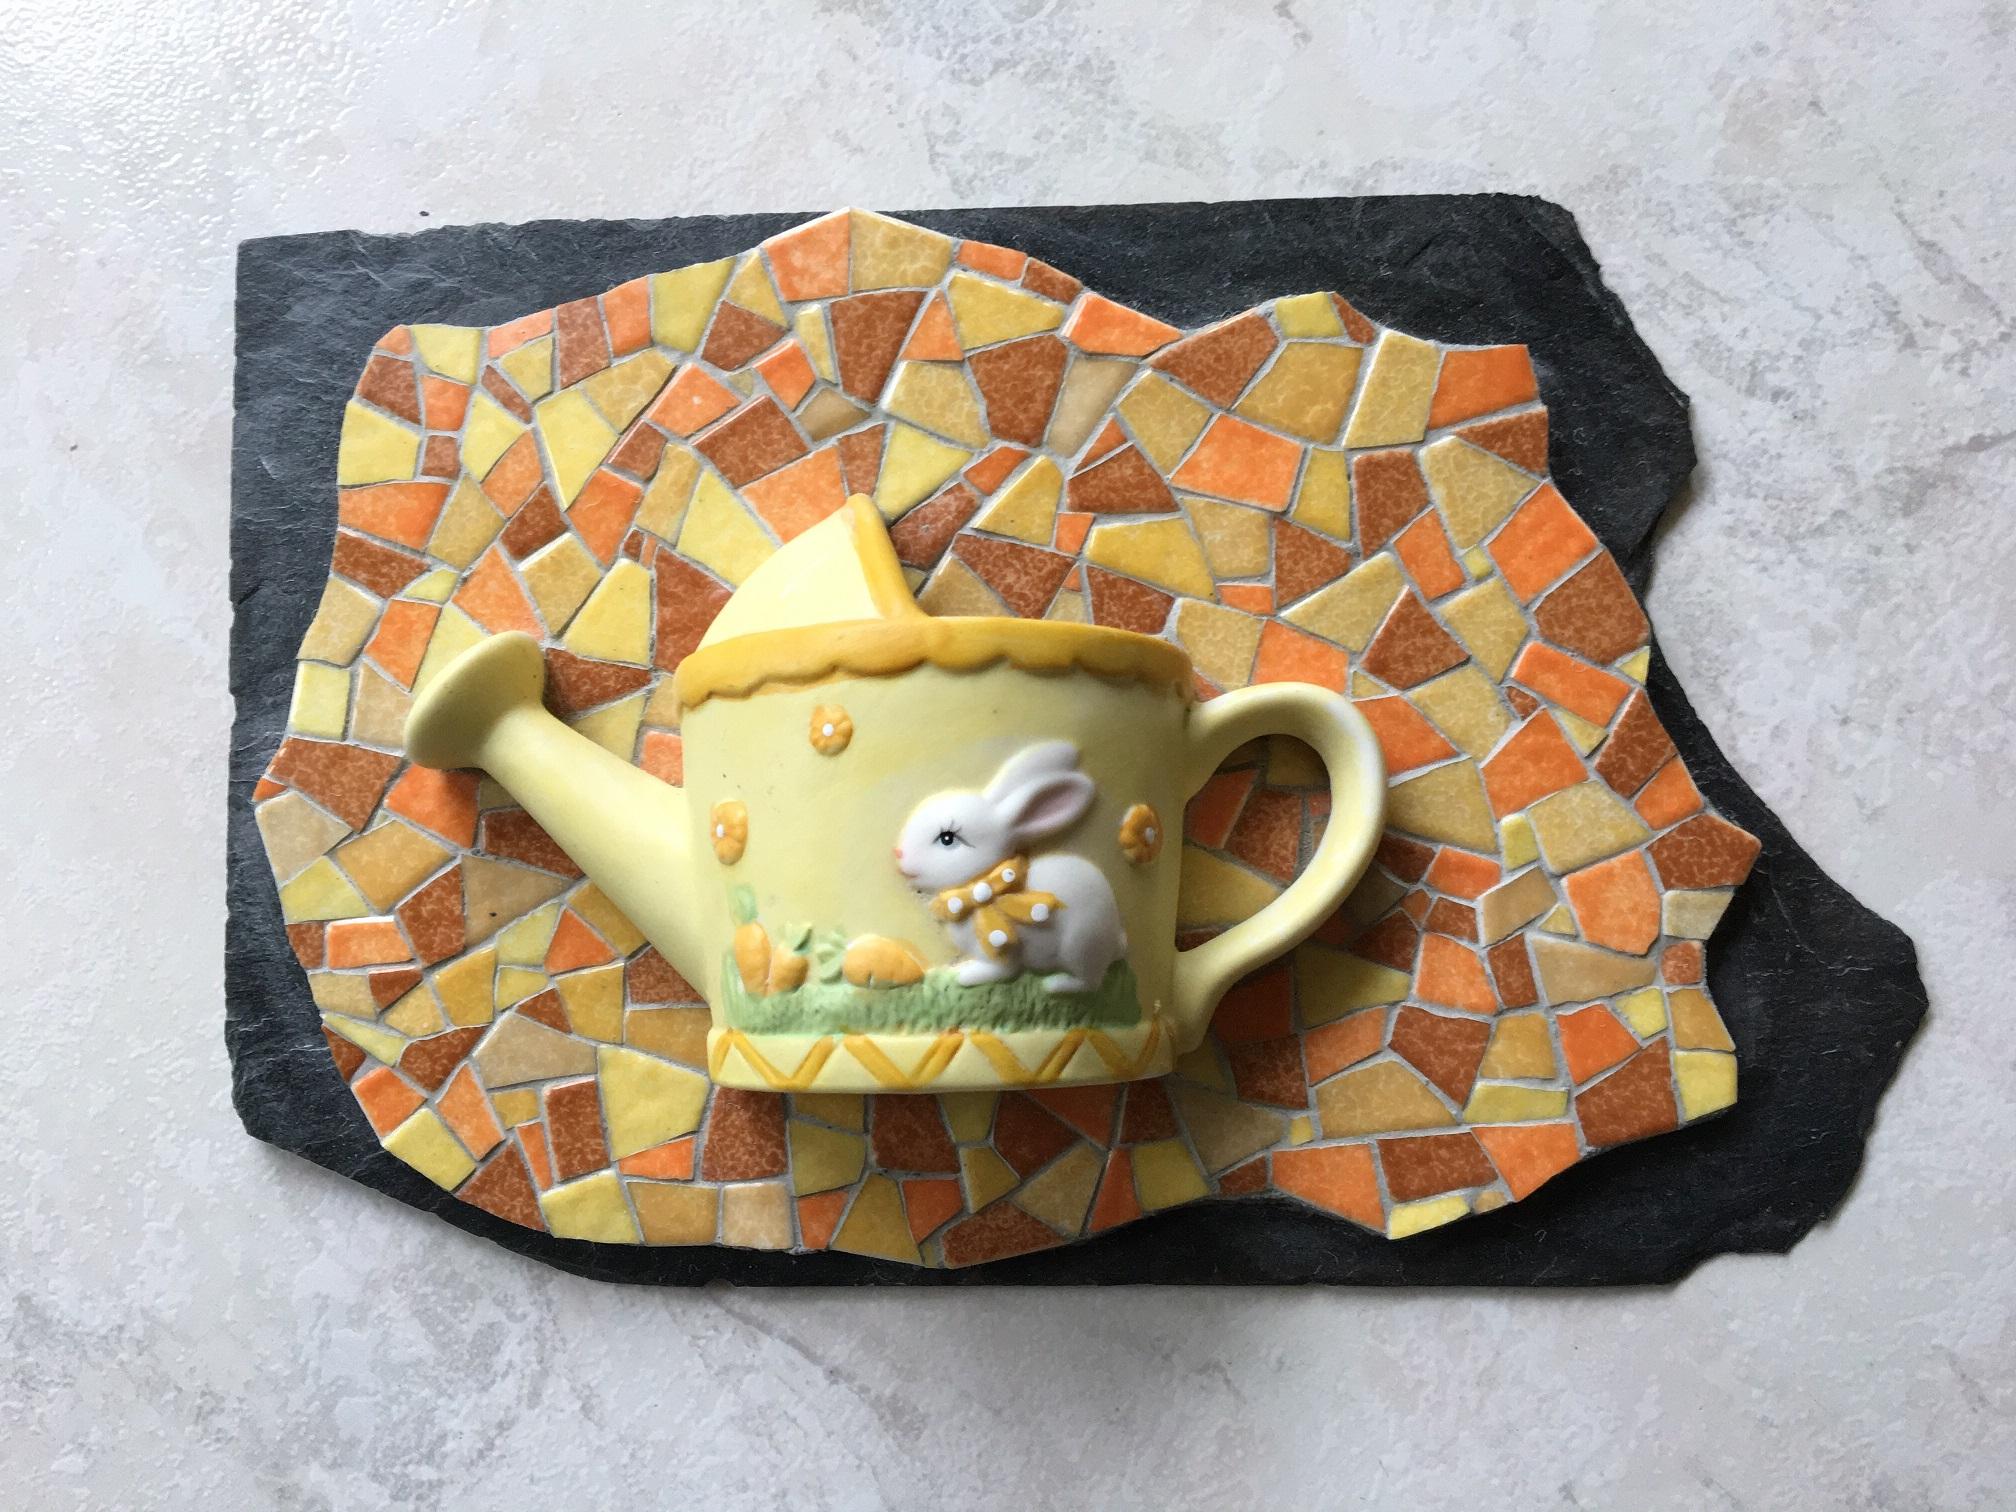 Décoration Extérieure - Mosaic Harmonic pour Support Pour Mosaique